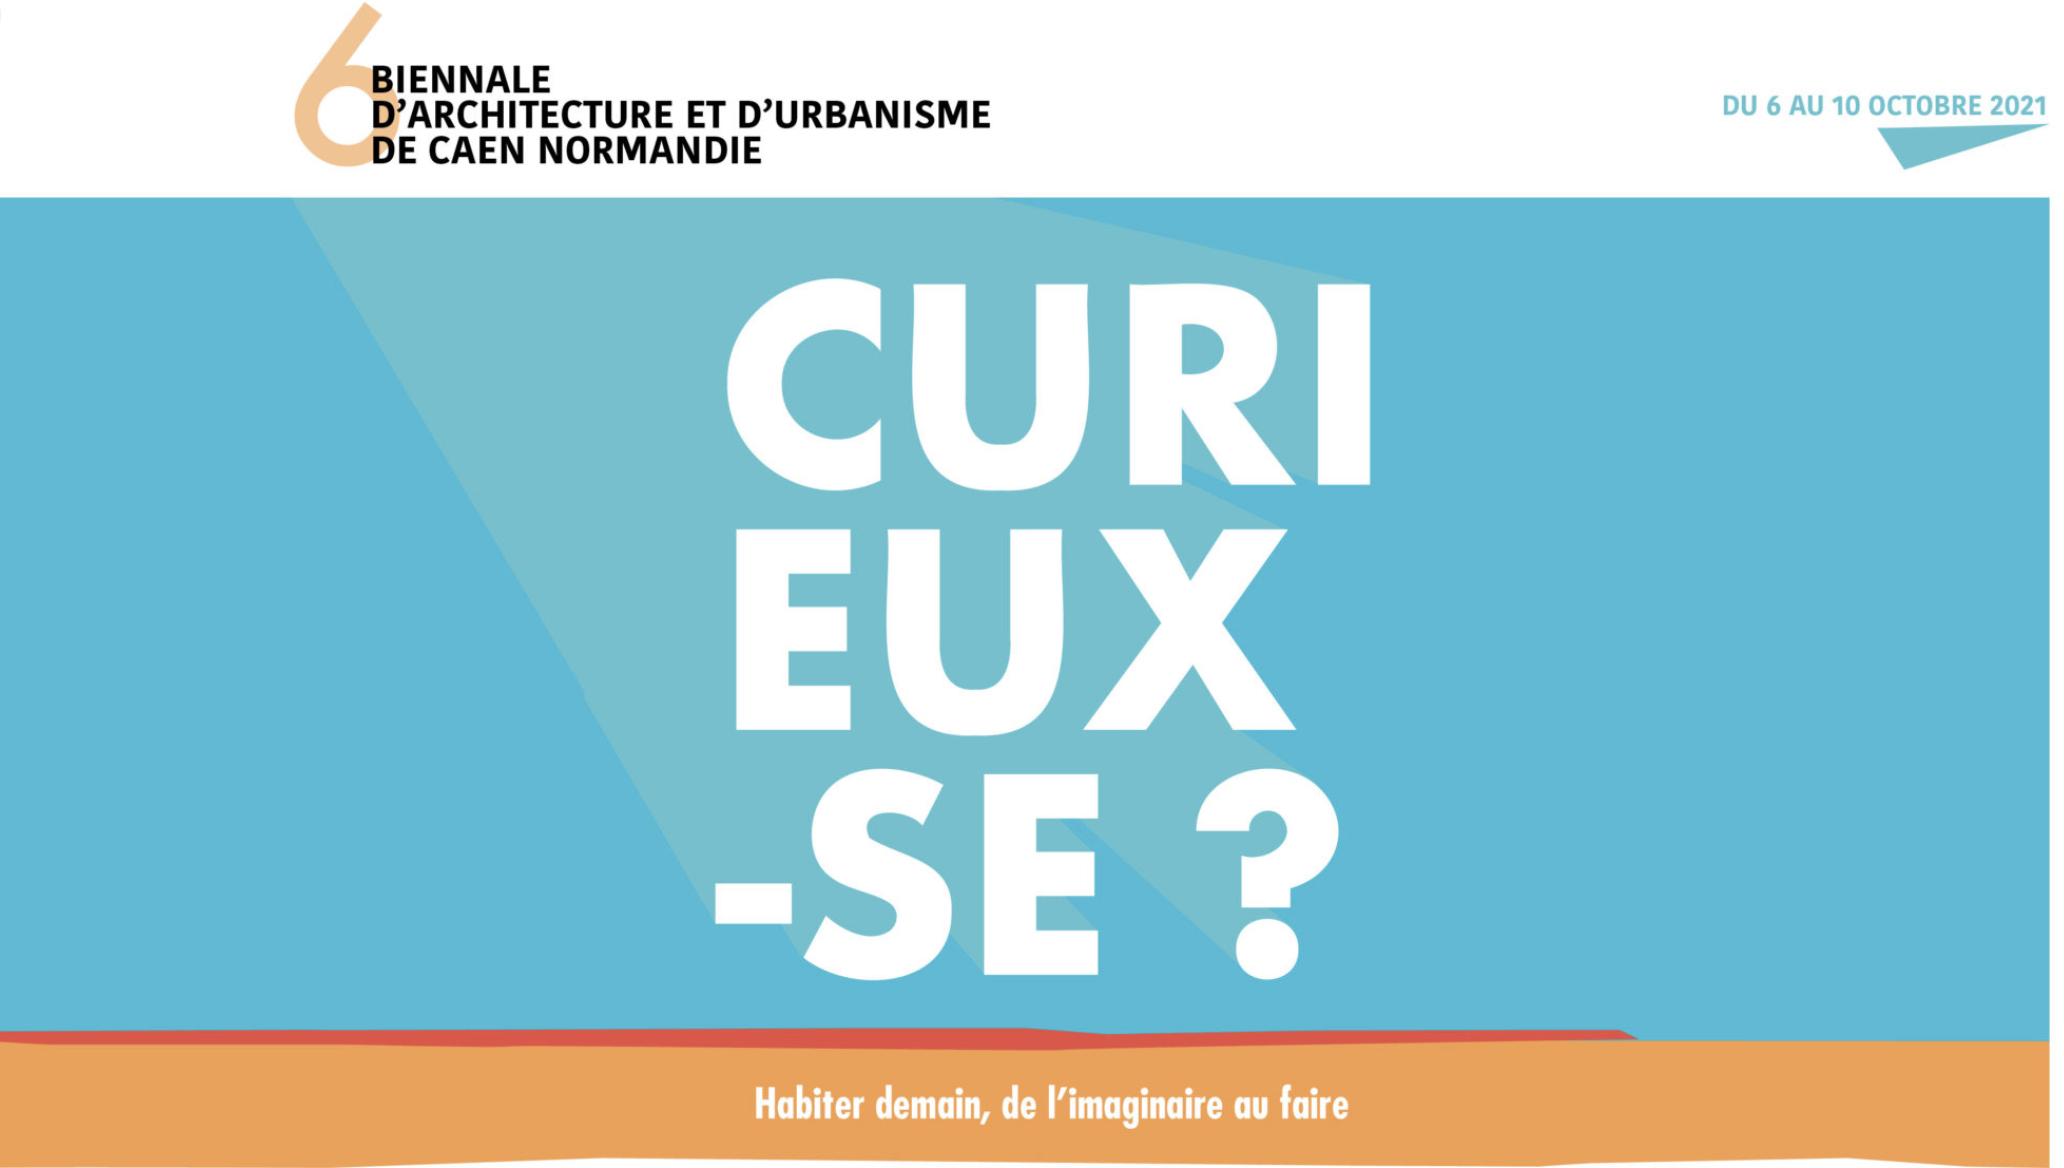 6e biennale d'architecture de Caen